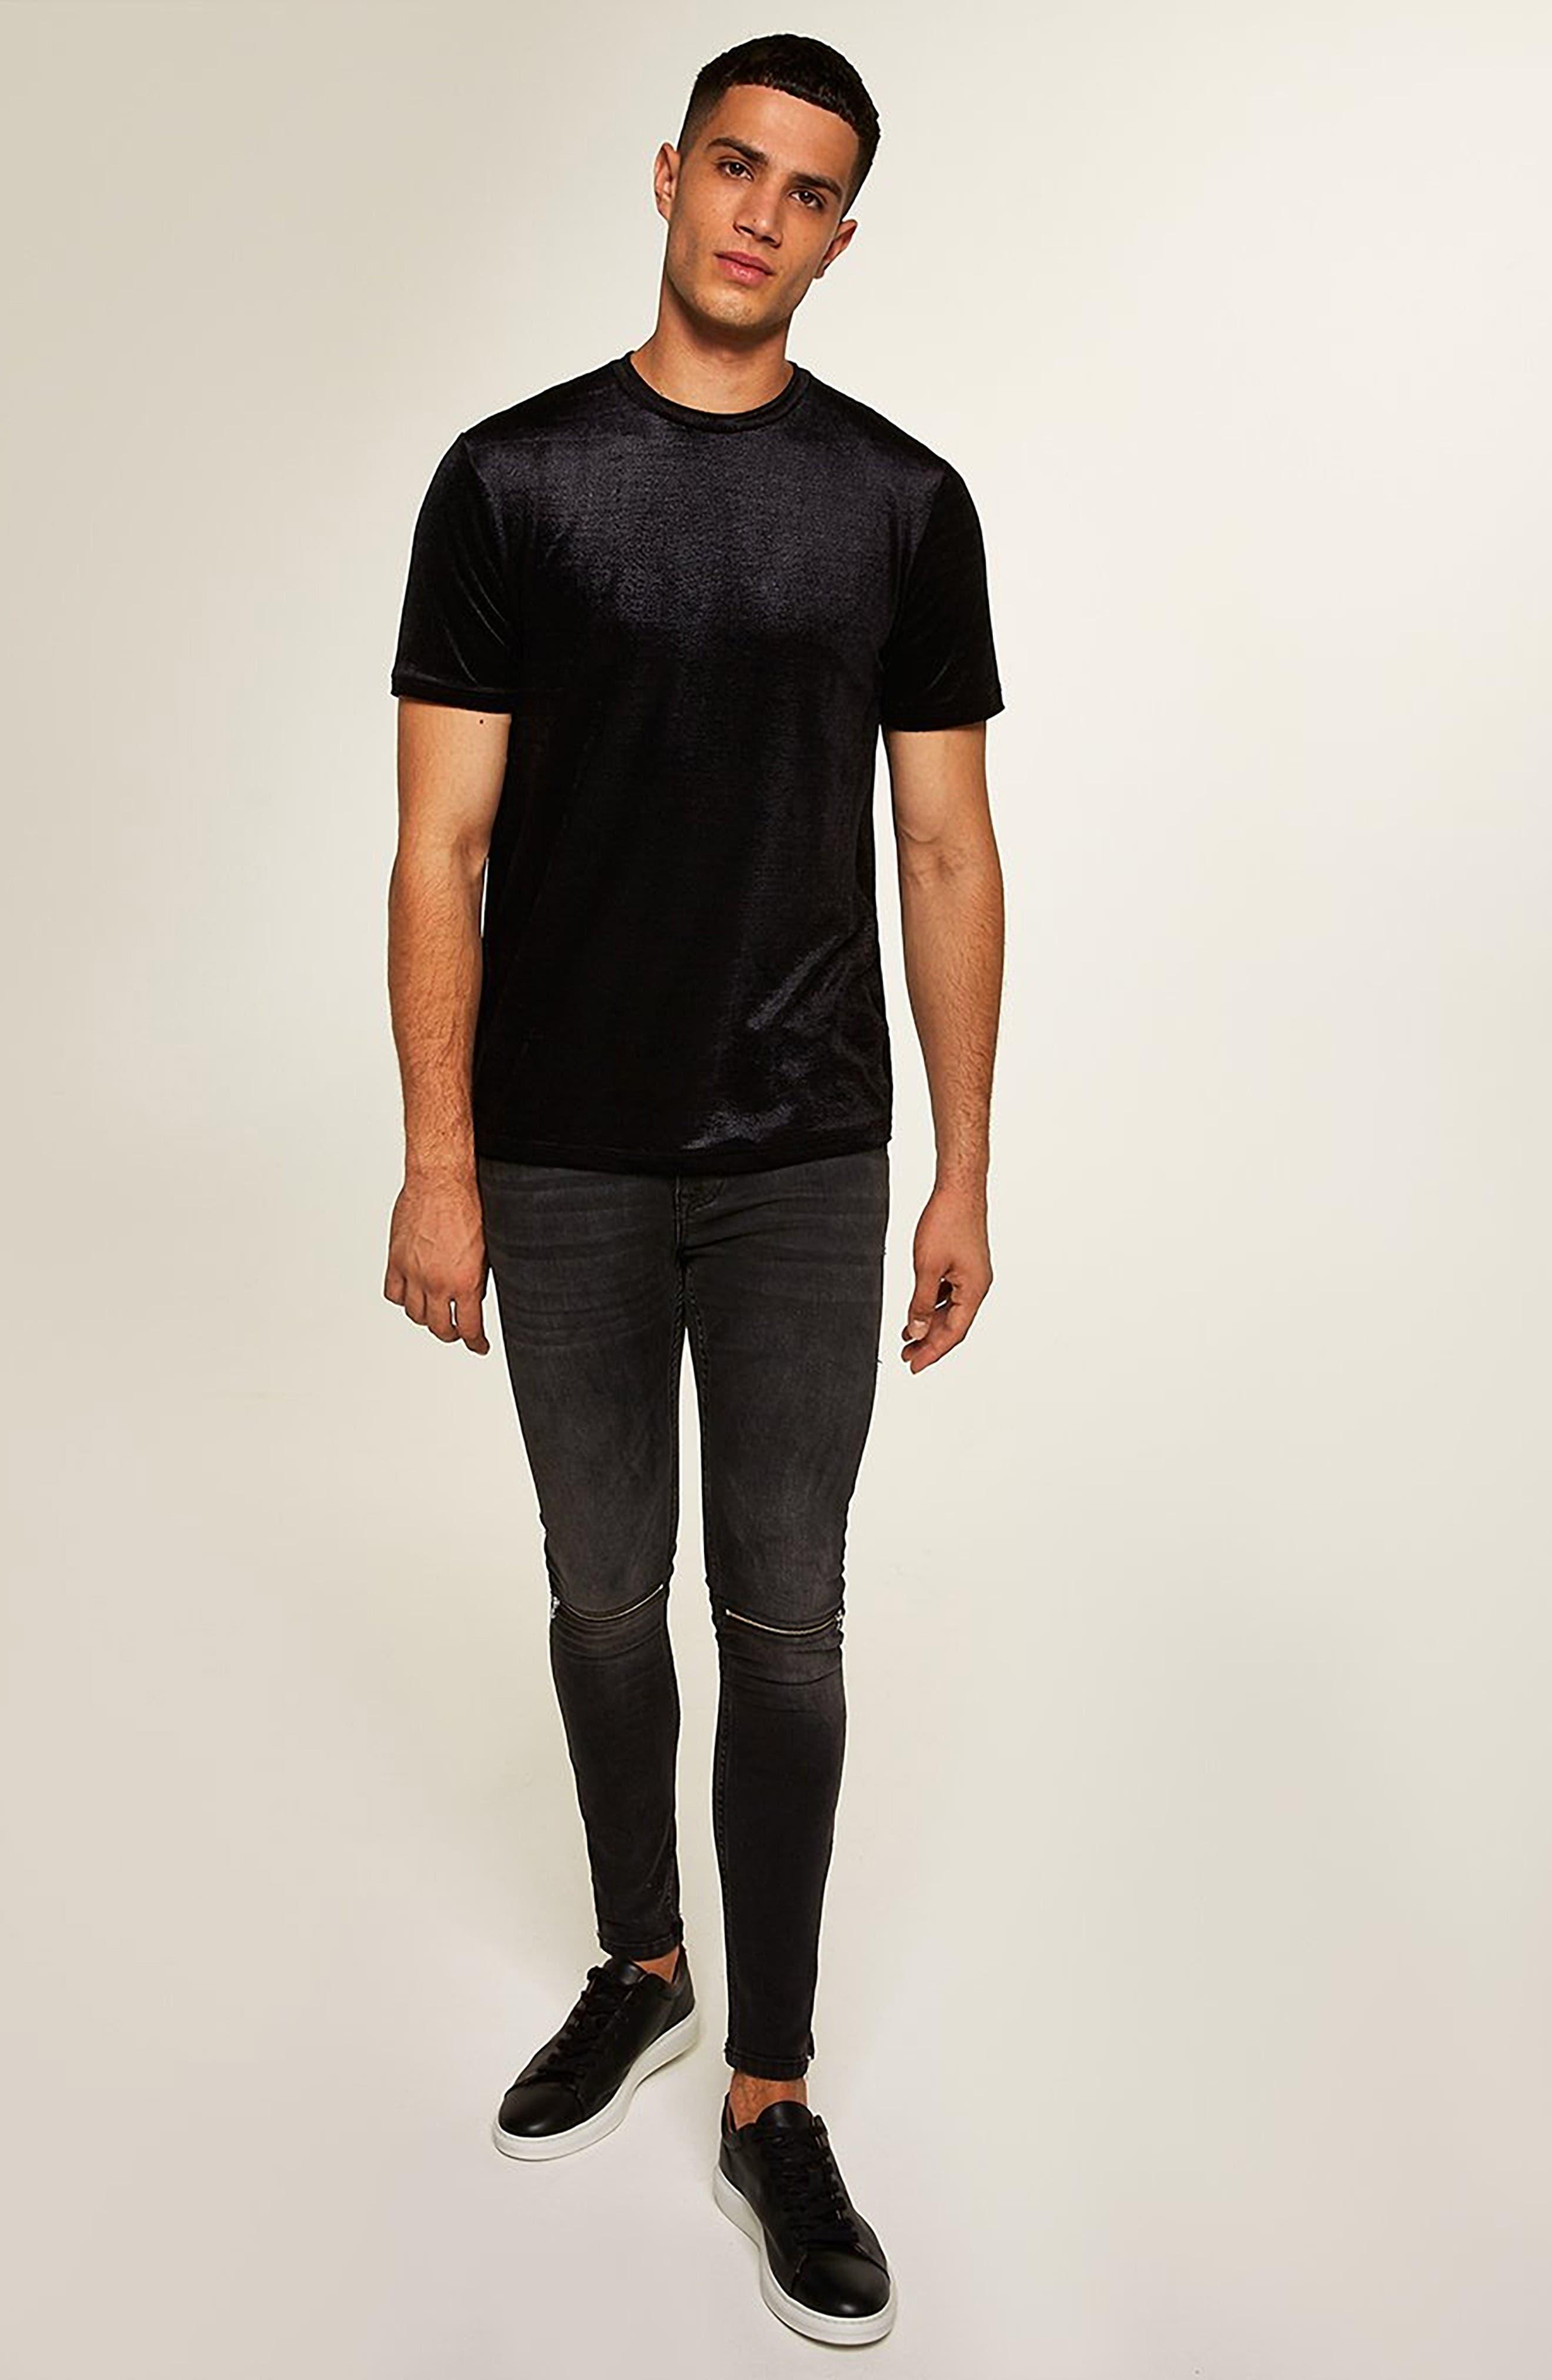 Topshop Velour Classic Fit T-Shirt,                             Alternate thumbnail 5, color,                             BLACK